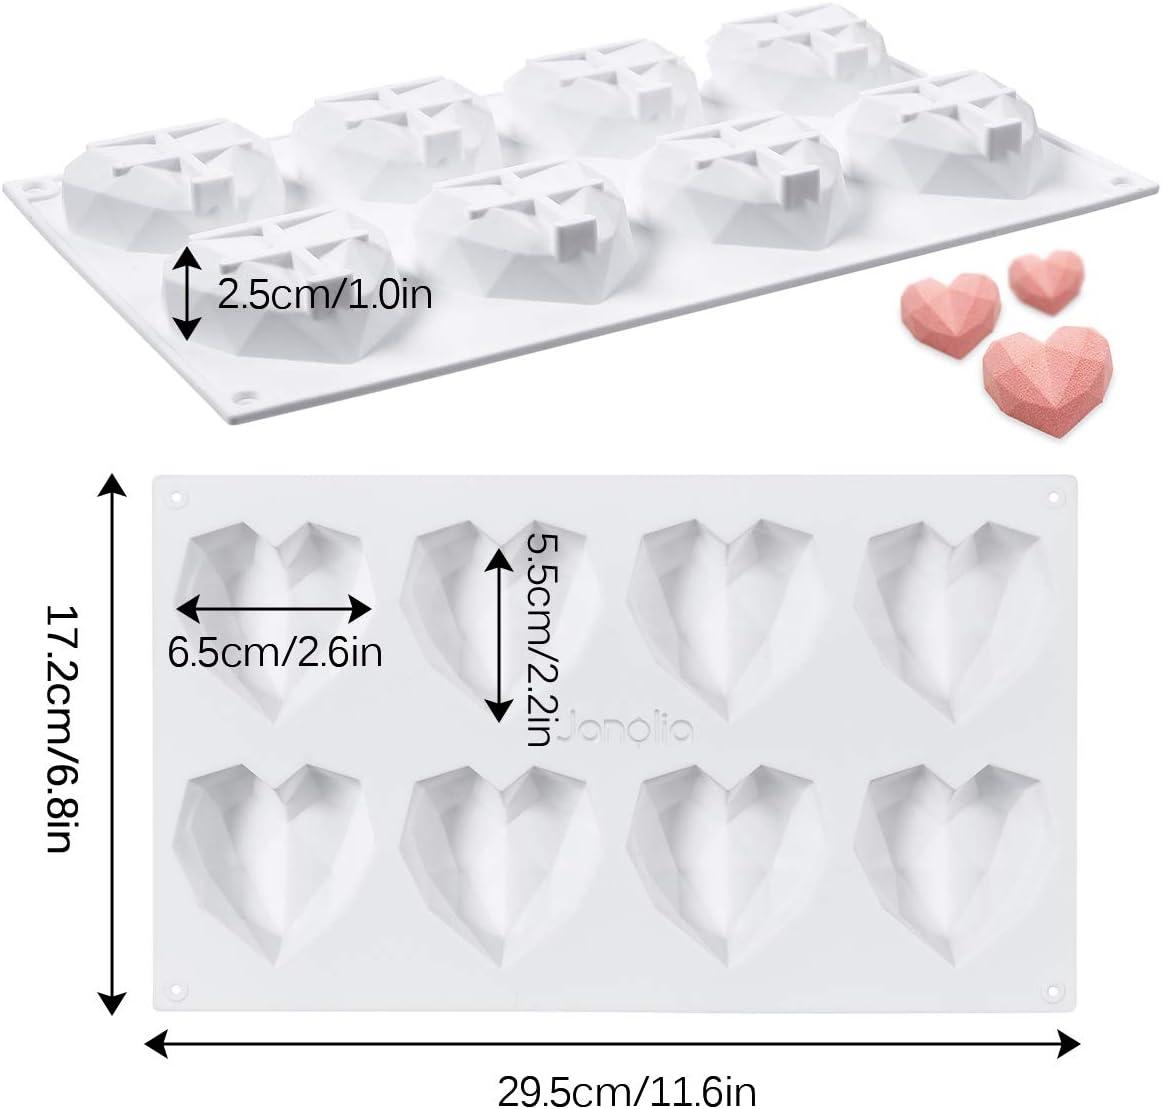 Schokolade Janolia Schokoladenformen Cupcake Herzform 8 Gitter Silikon 3D Diamant S/ü/ßigkeits-Formen-Beh/älter f/ür Kuchen verzieren S/ü/ßigkeiten machen Backen 29.5 * 17.2 * 2.5 cm